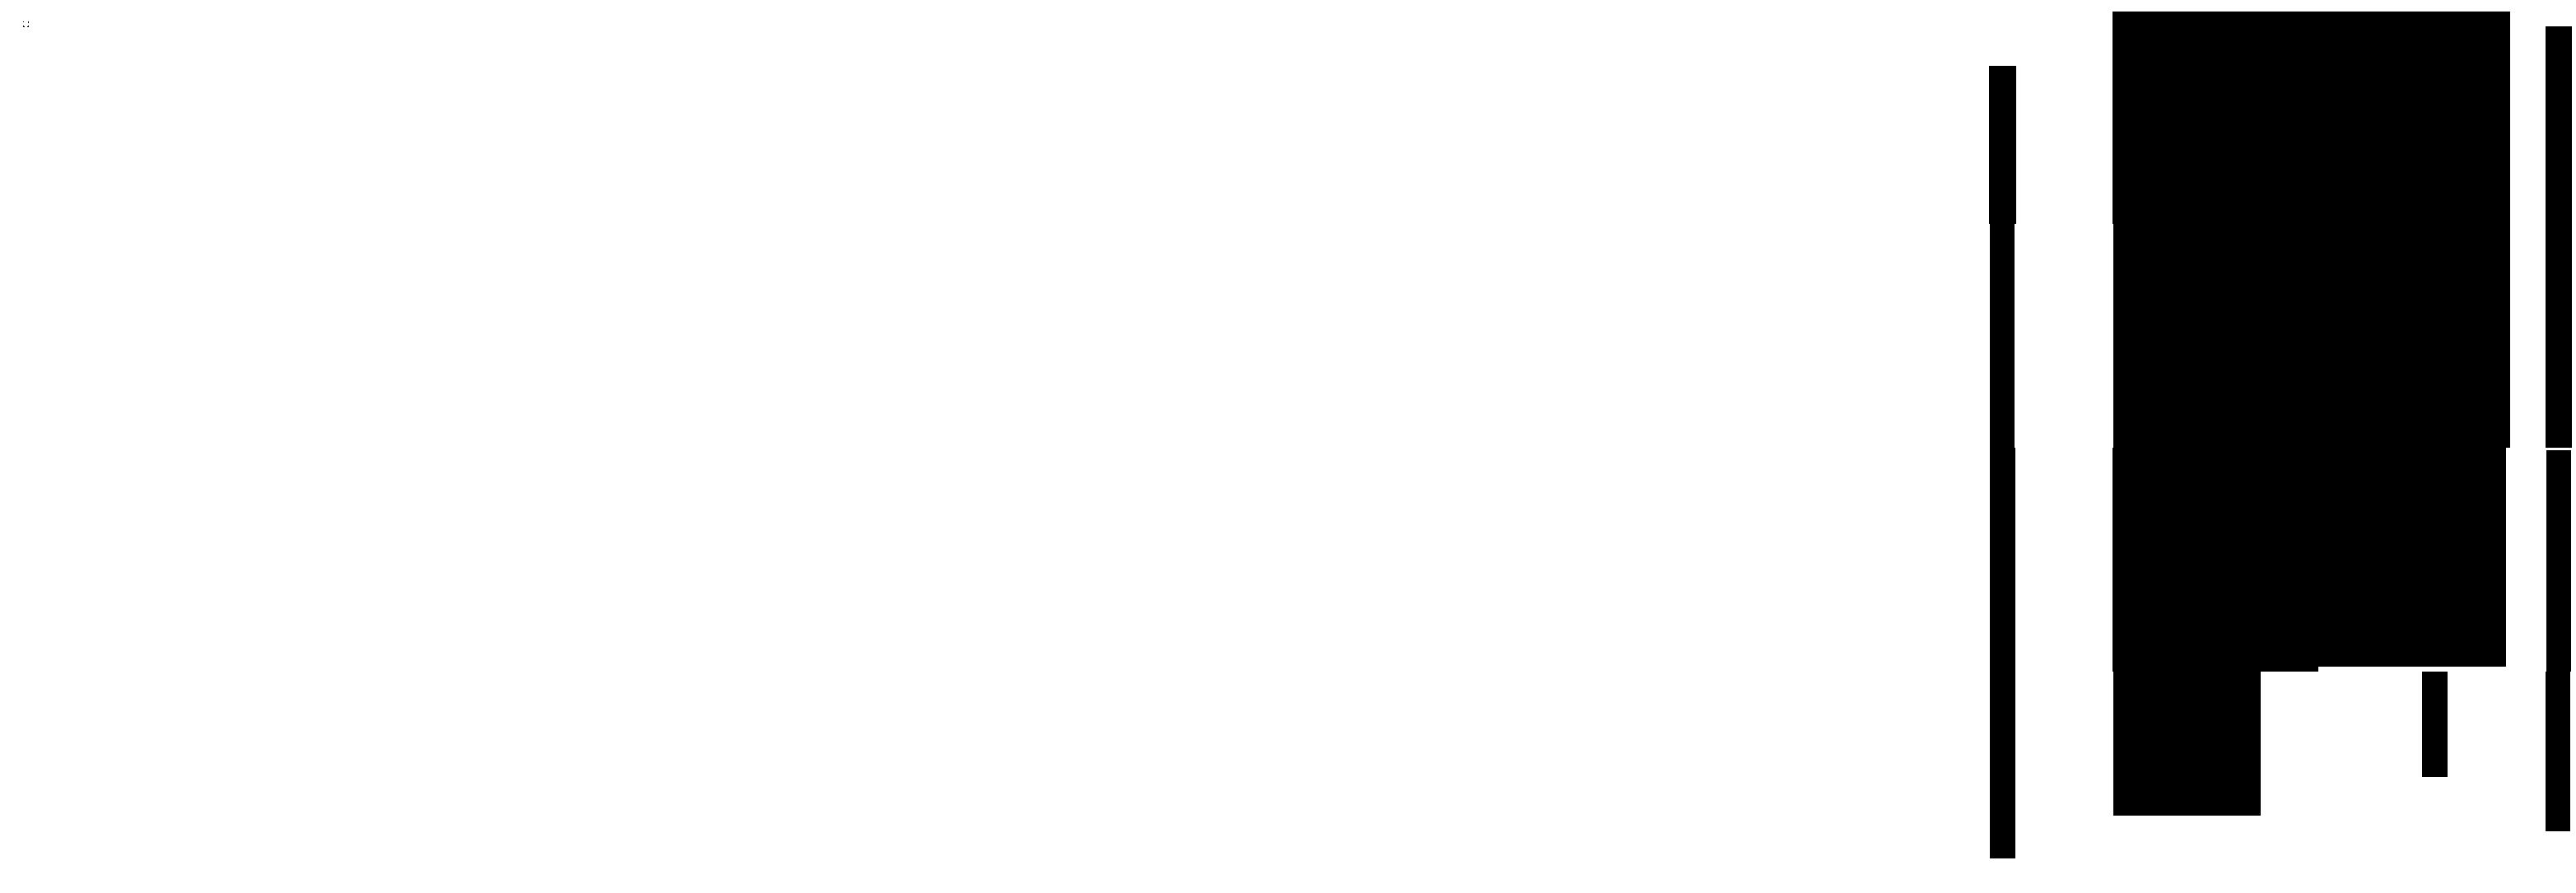 雪花月修正140118-2